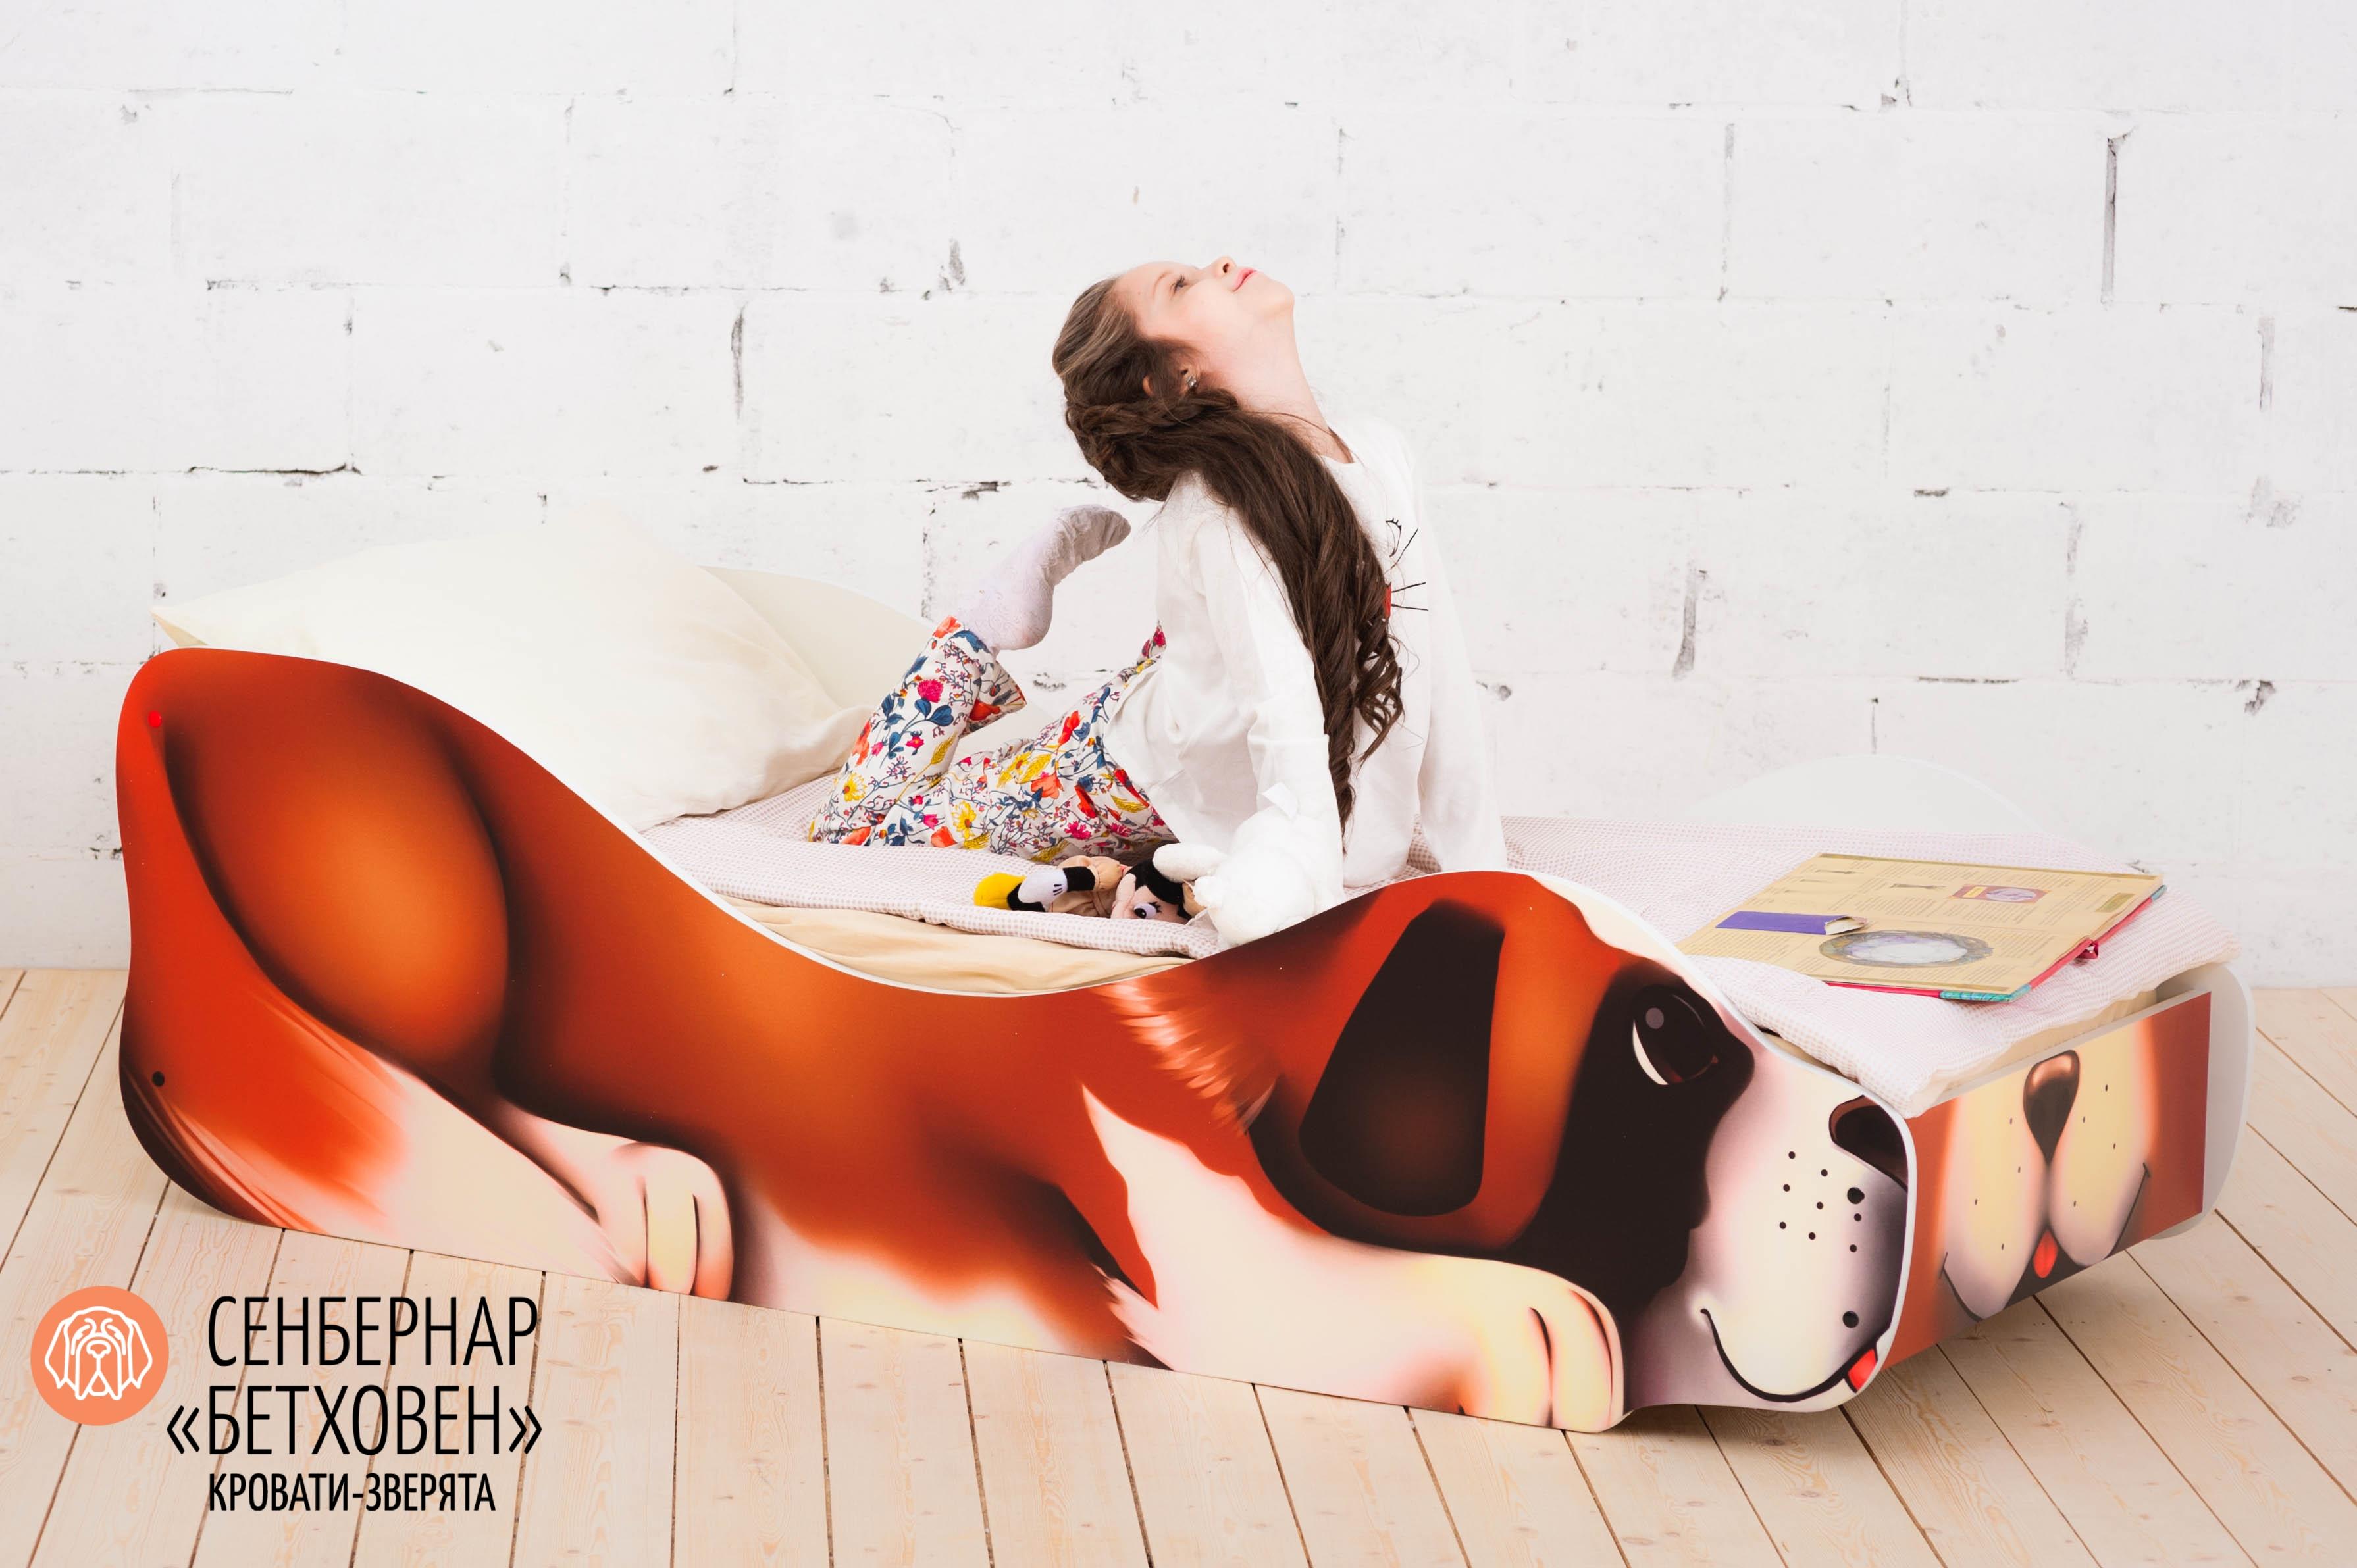 Детская кровать-зверенок -Сенбернар- Бетховен-21